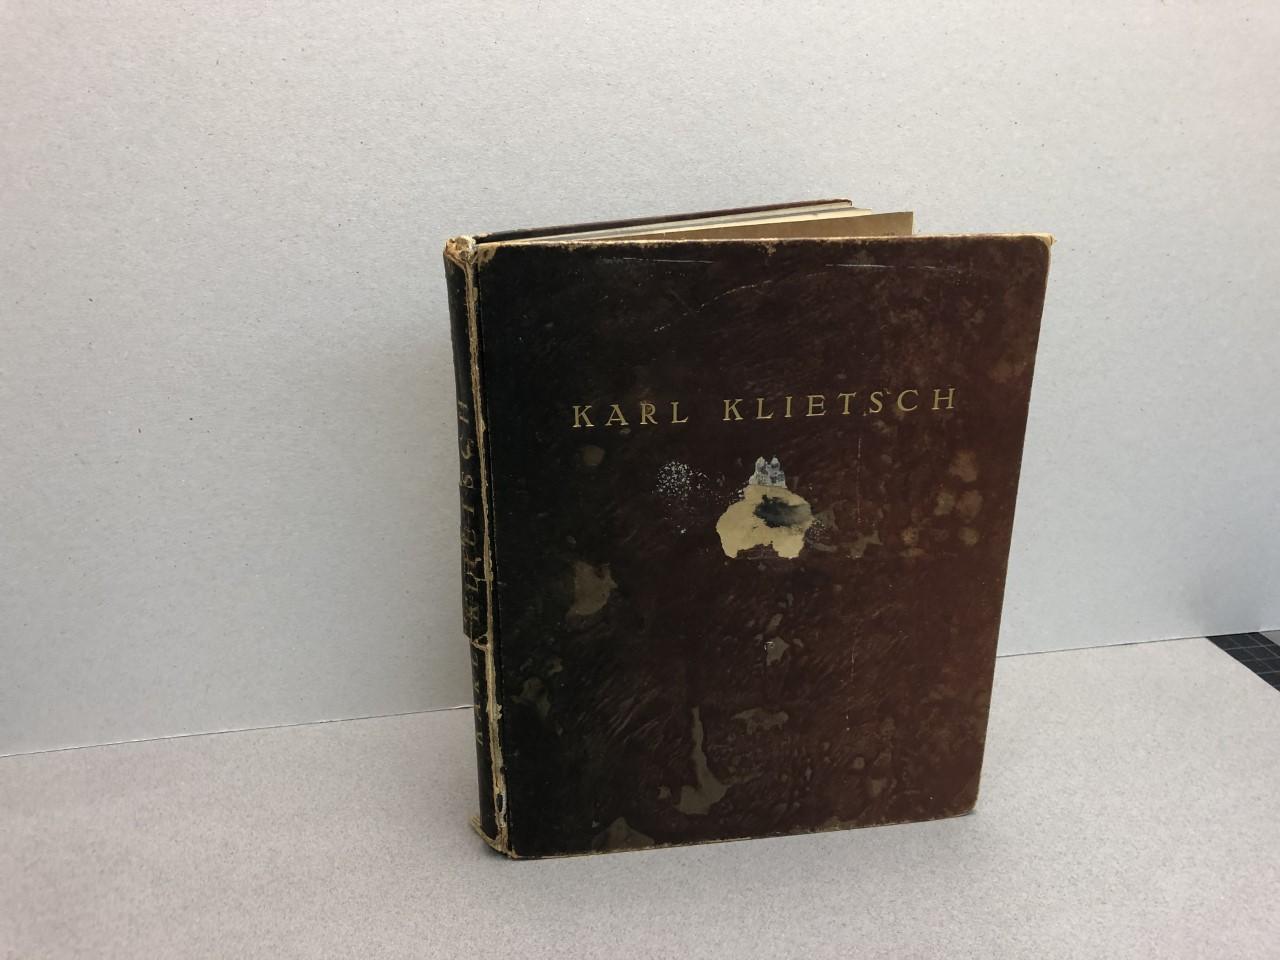 KARL KLIETSCH Der Erinder Der Heliogravure Ubd Des Rakeltiefdruckes Karl Klietsch Inventor of the Heliogravure and Gravure Printing